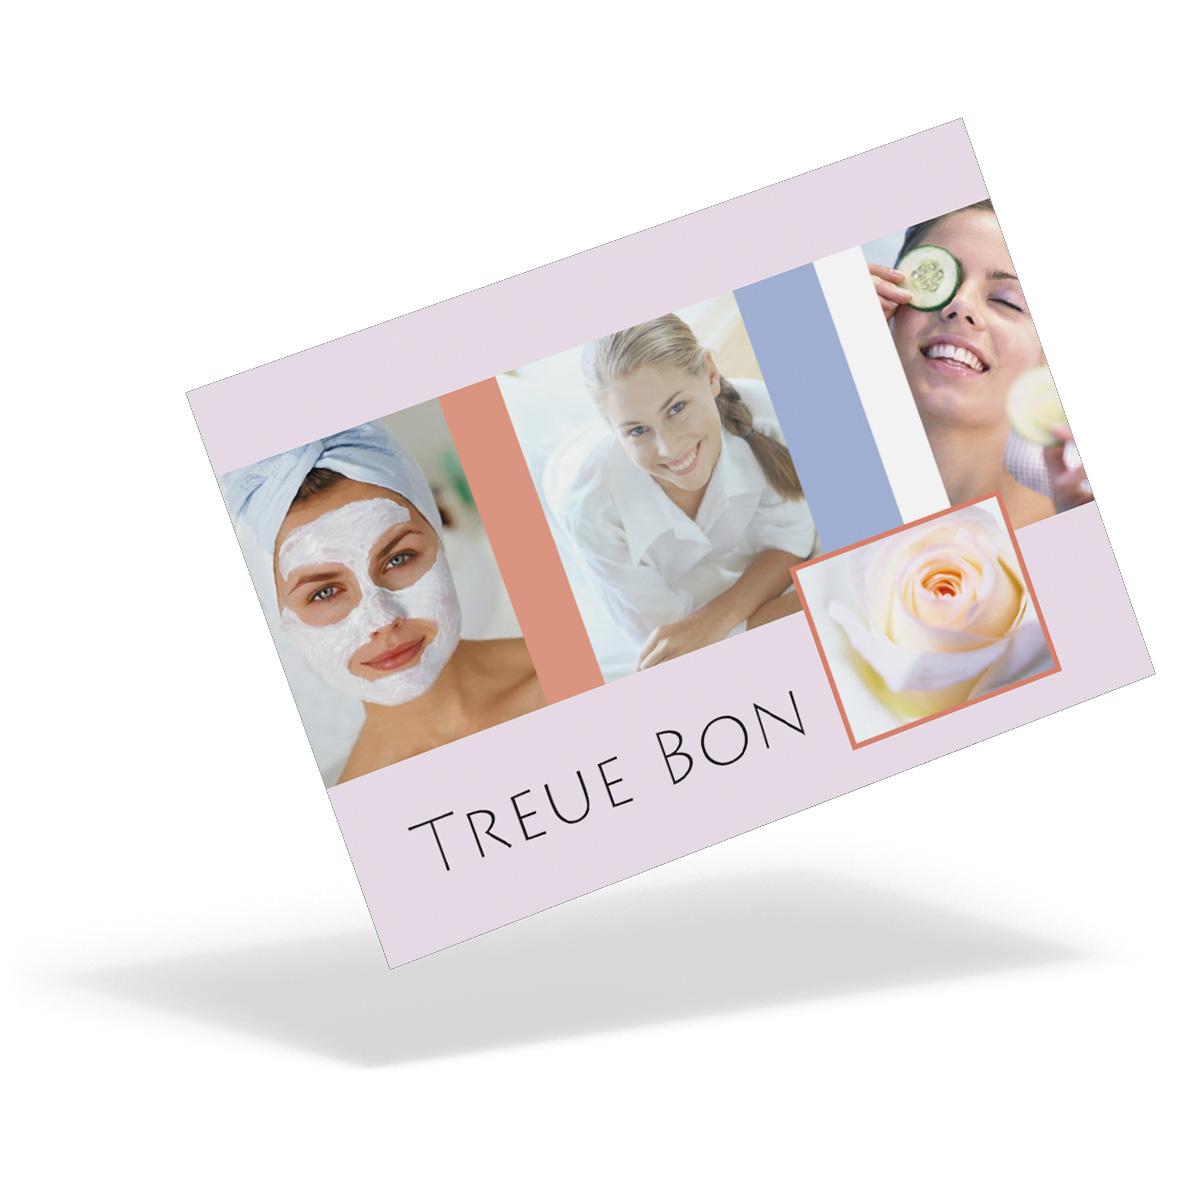 Pythagoras Marketing Gmbh Treue Bon Kosmetik Geschenkgutscheine Visitenkarten Kundenkarten Und Weitere Treuesysteme